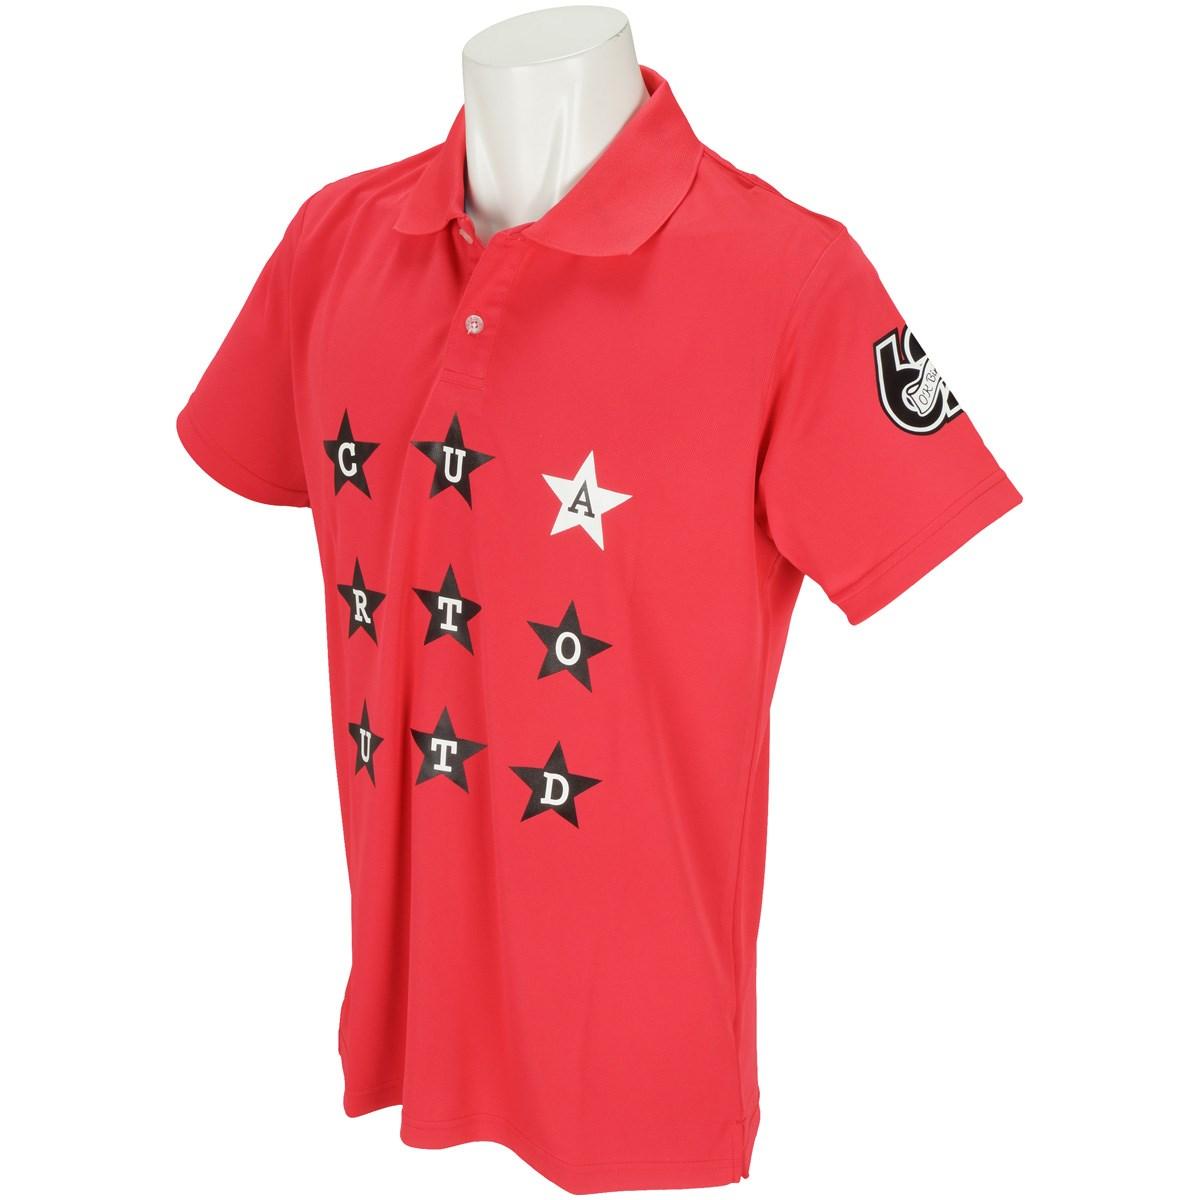 クアルトユナイテッド 星柄ロゴ ストレッチ半袖ポロシャツ